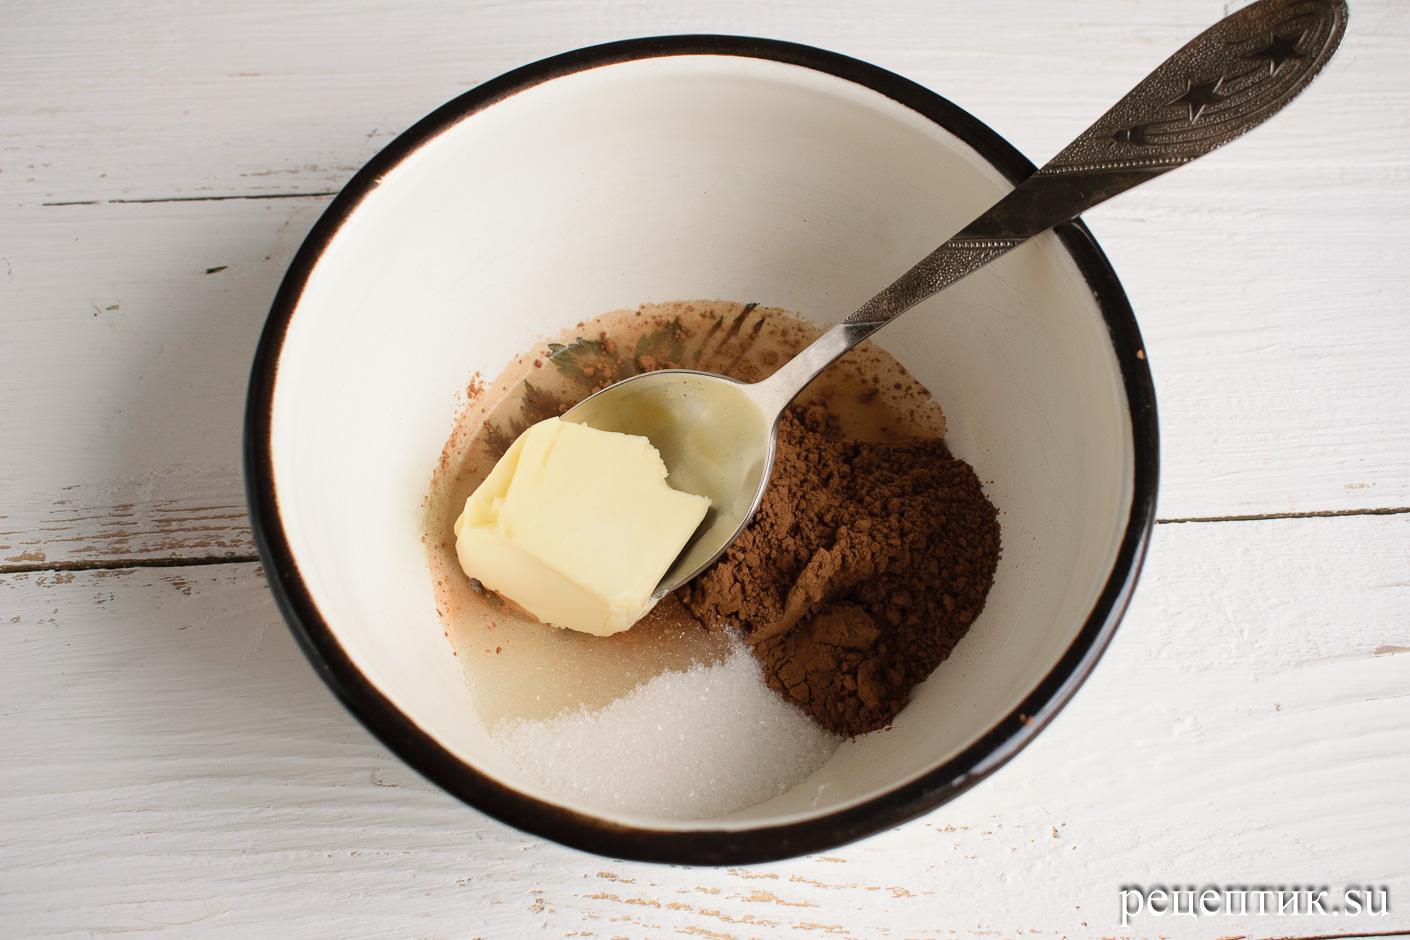 Торт «Ленинградский» — песочный торт с шоколадным масляным кремом - рецепт с фото, шаг 13